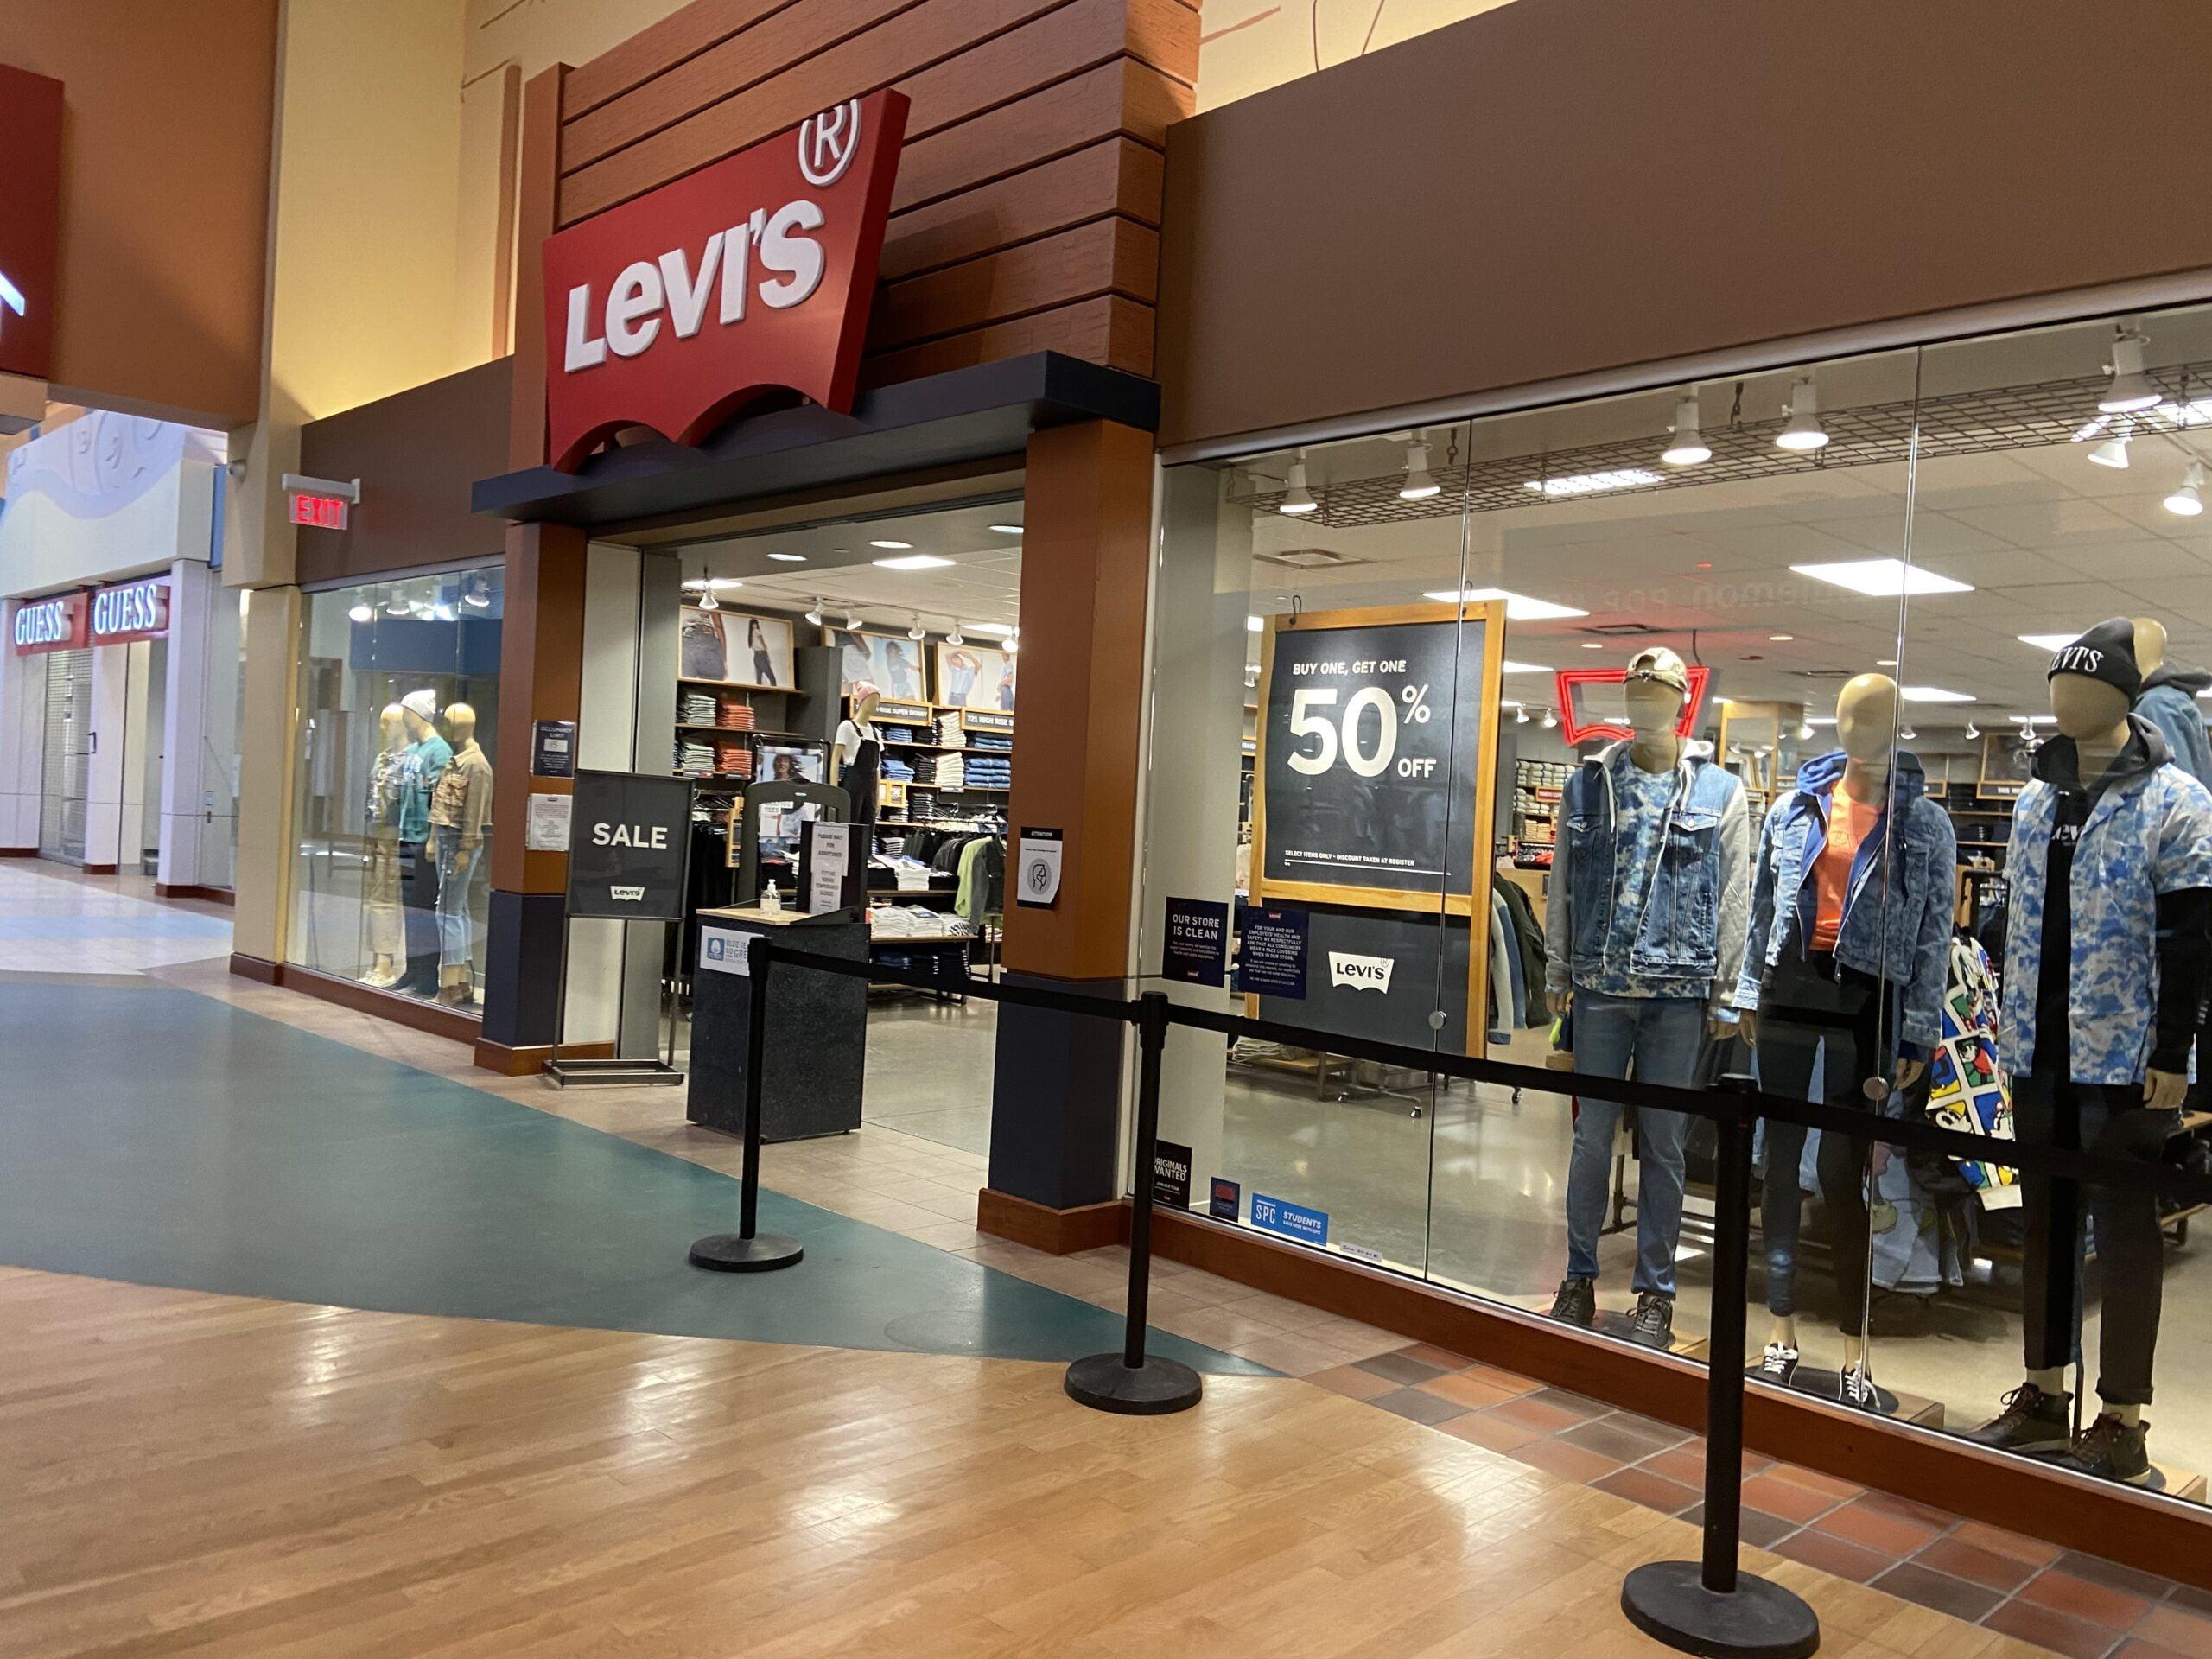 Levi's at CrossIron Mills